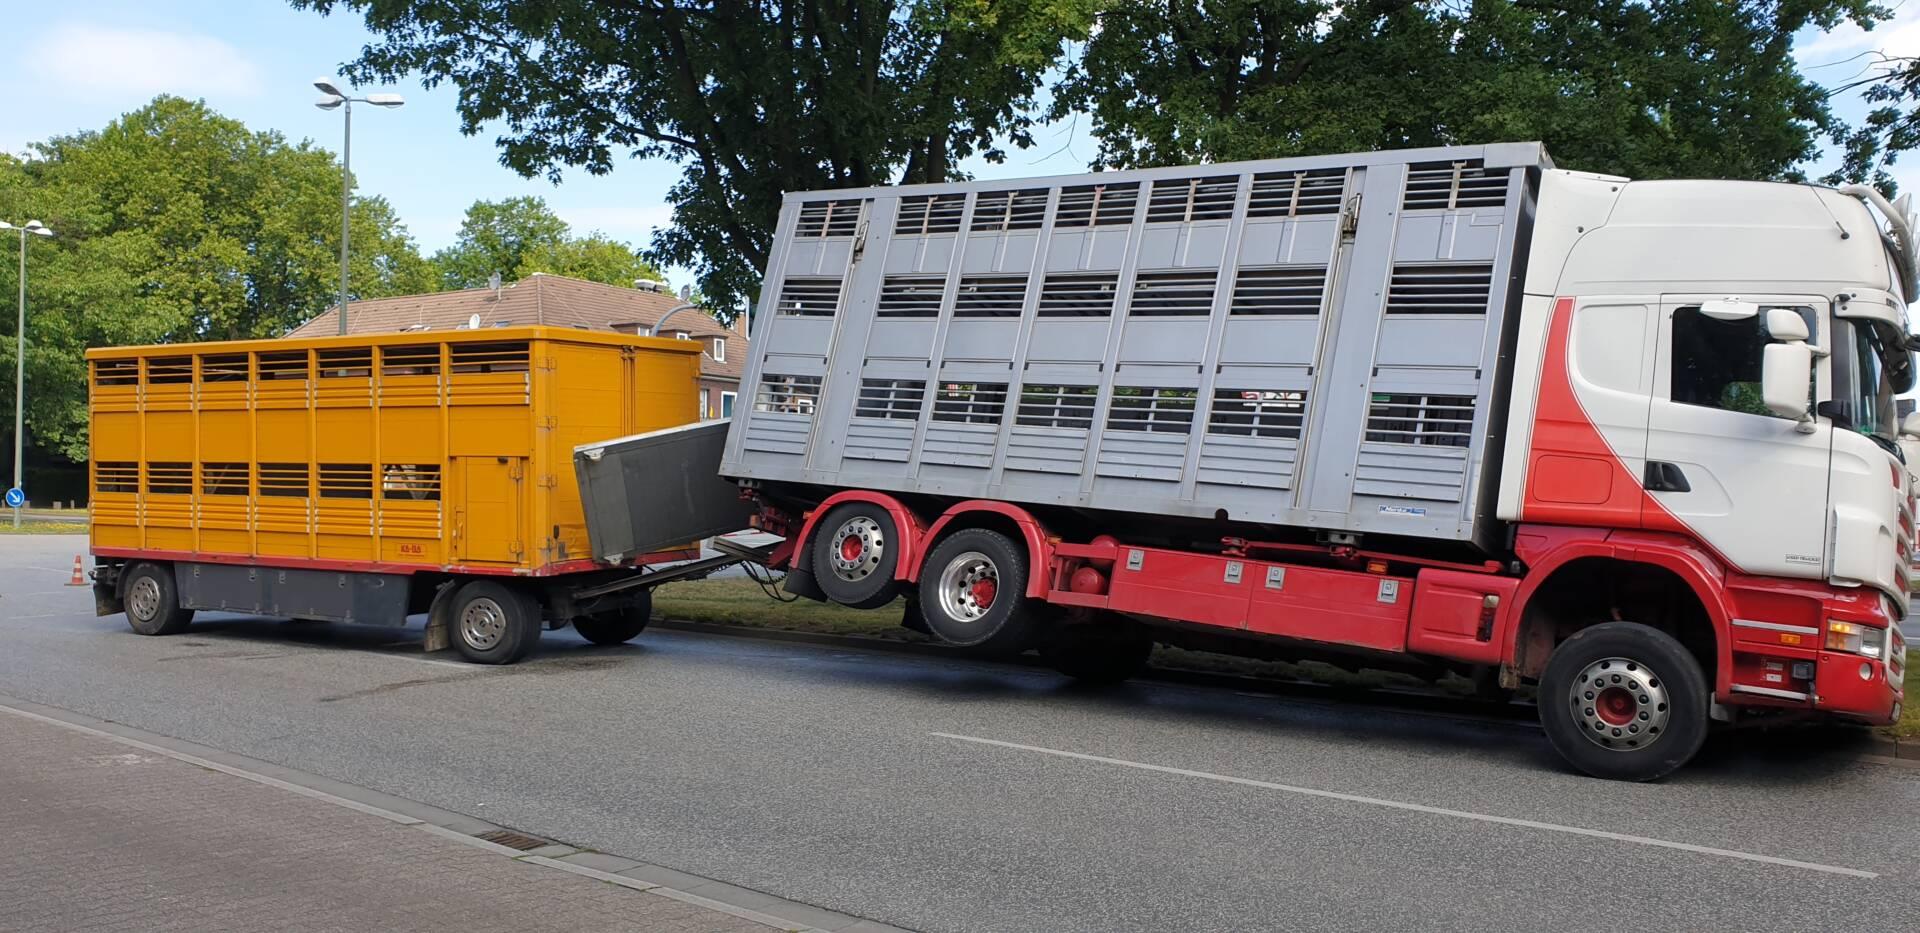 Gelöste Laderampe lässt LKW abheben